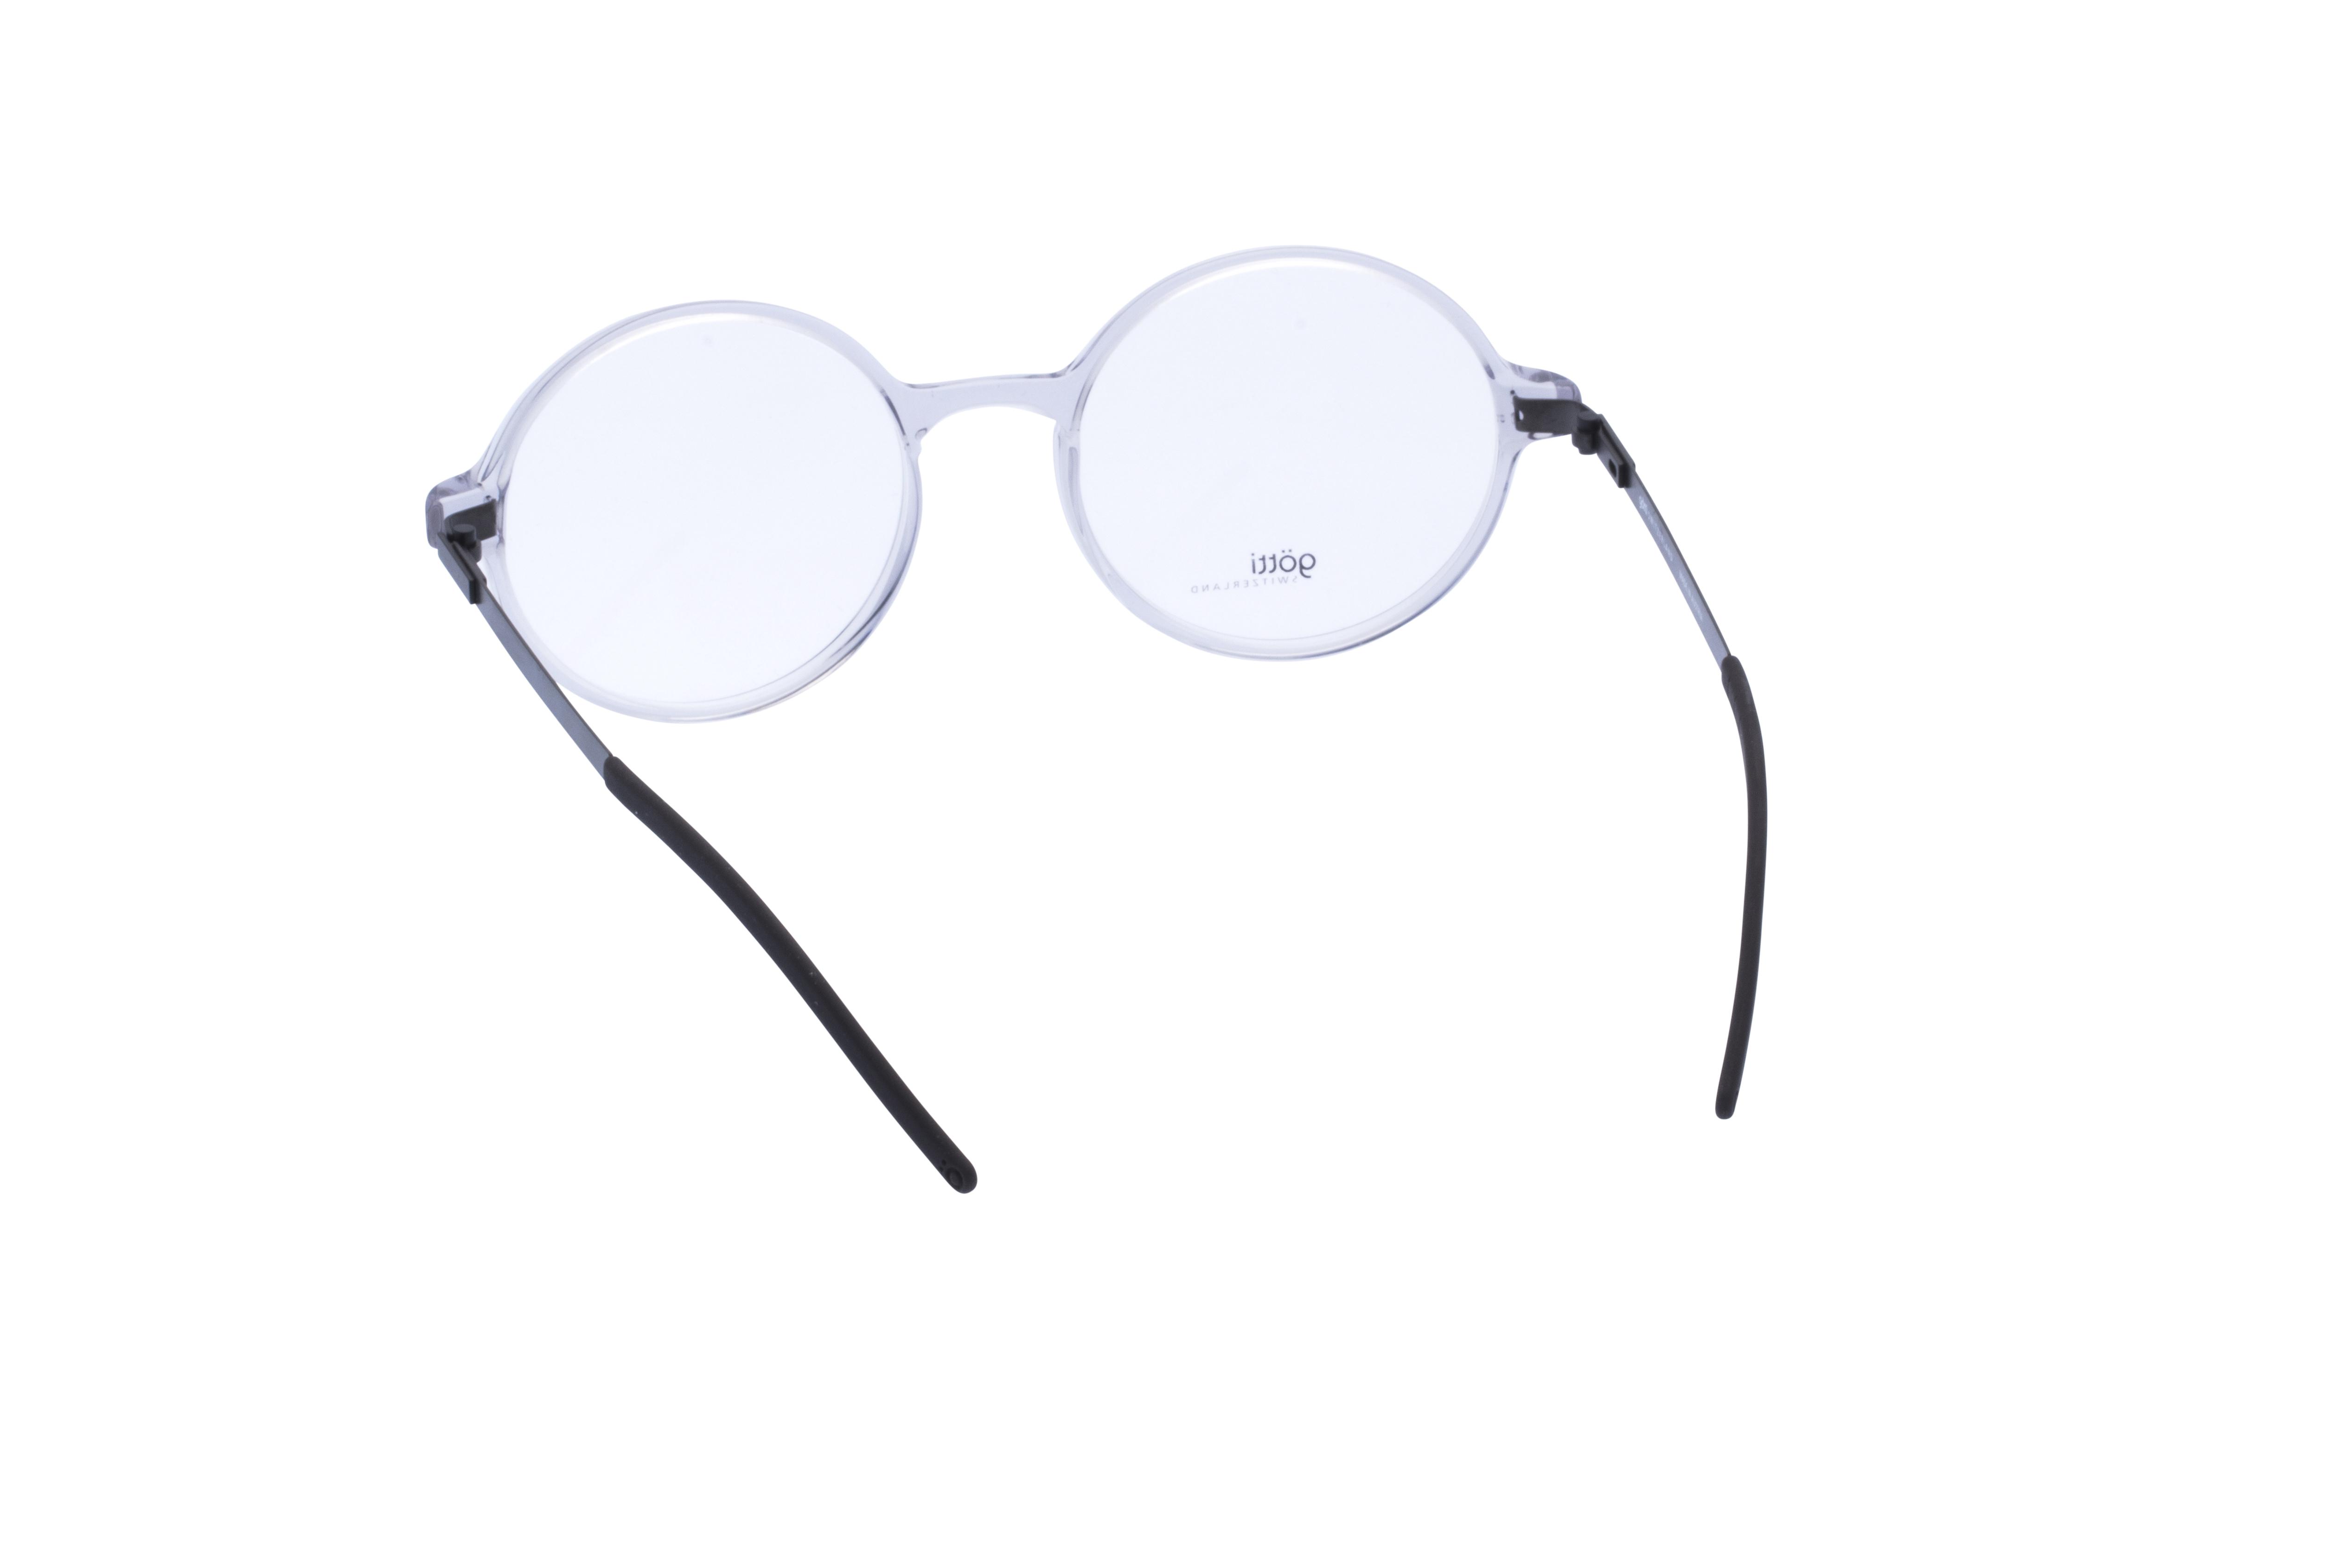 360 Grad Ansicht 13 Götti Sedrin, Brille auf Weiß - Fassung bei KUNK